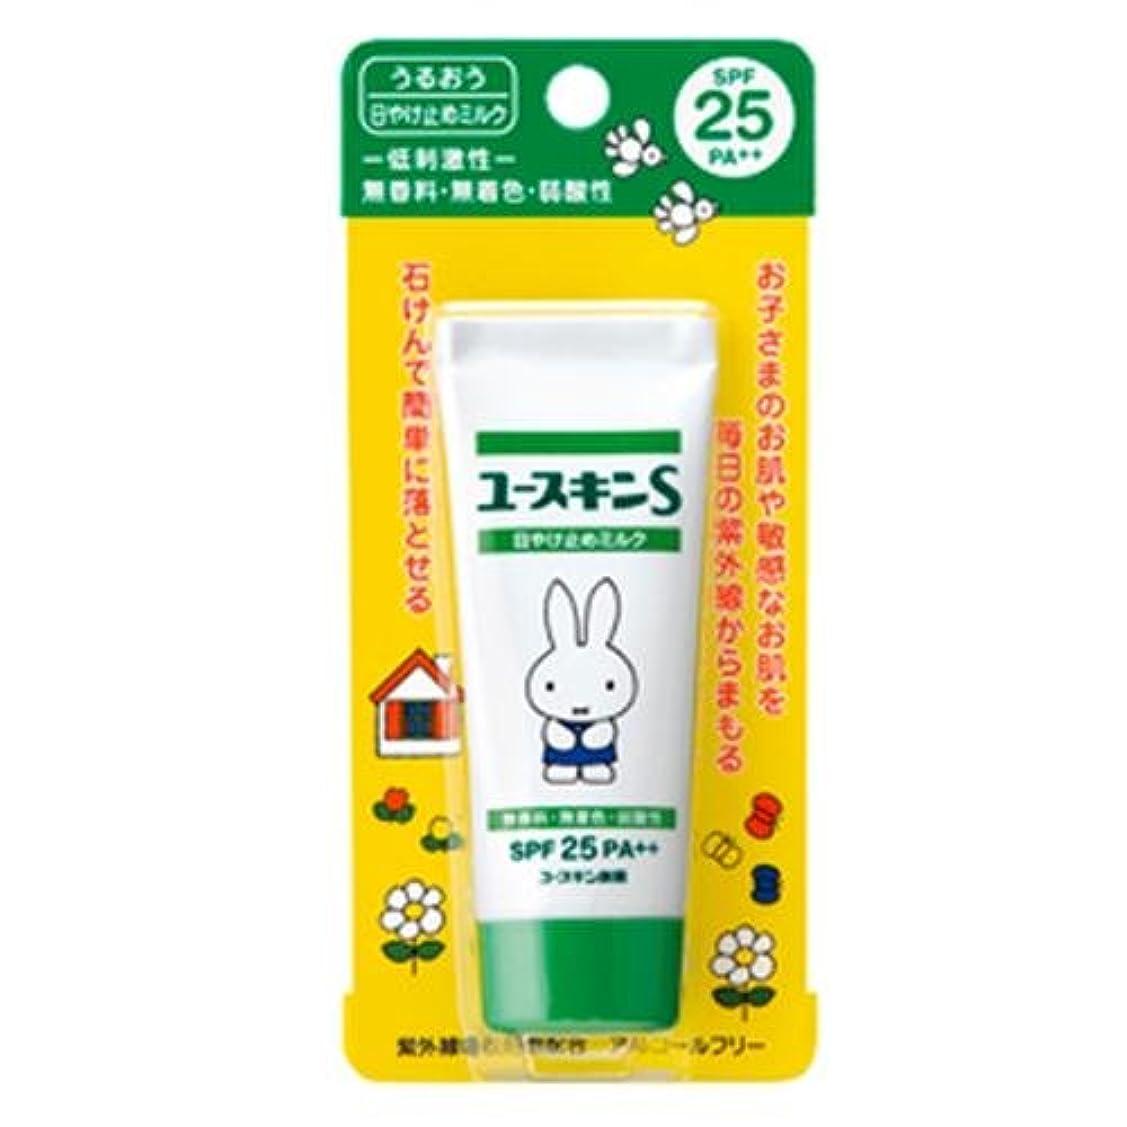 エステートサイトラインの頭の上ユースキンS UVミルク SPF25 PA++ 40g (敏感肌用 日焼け止め)